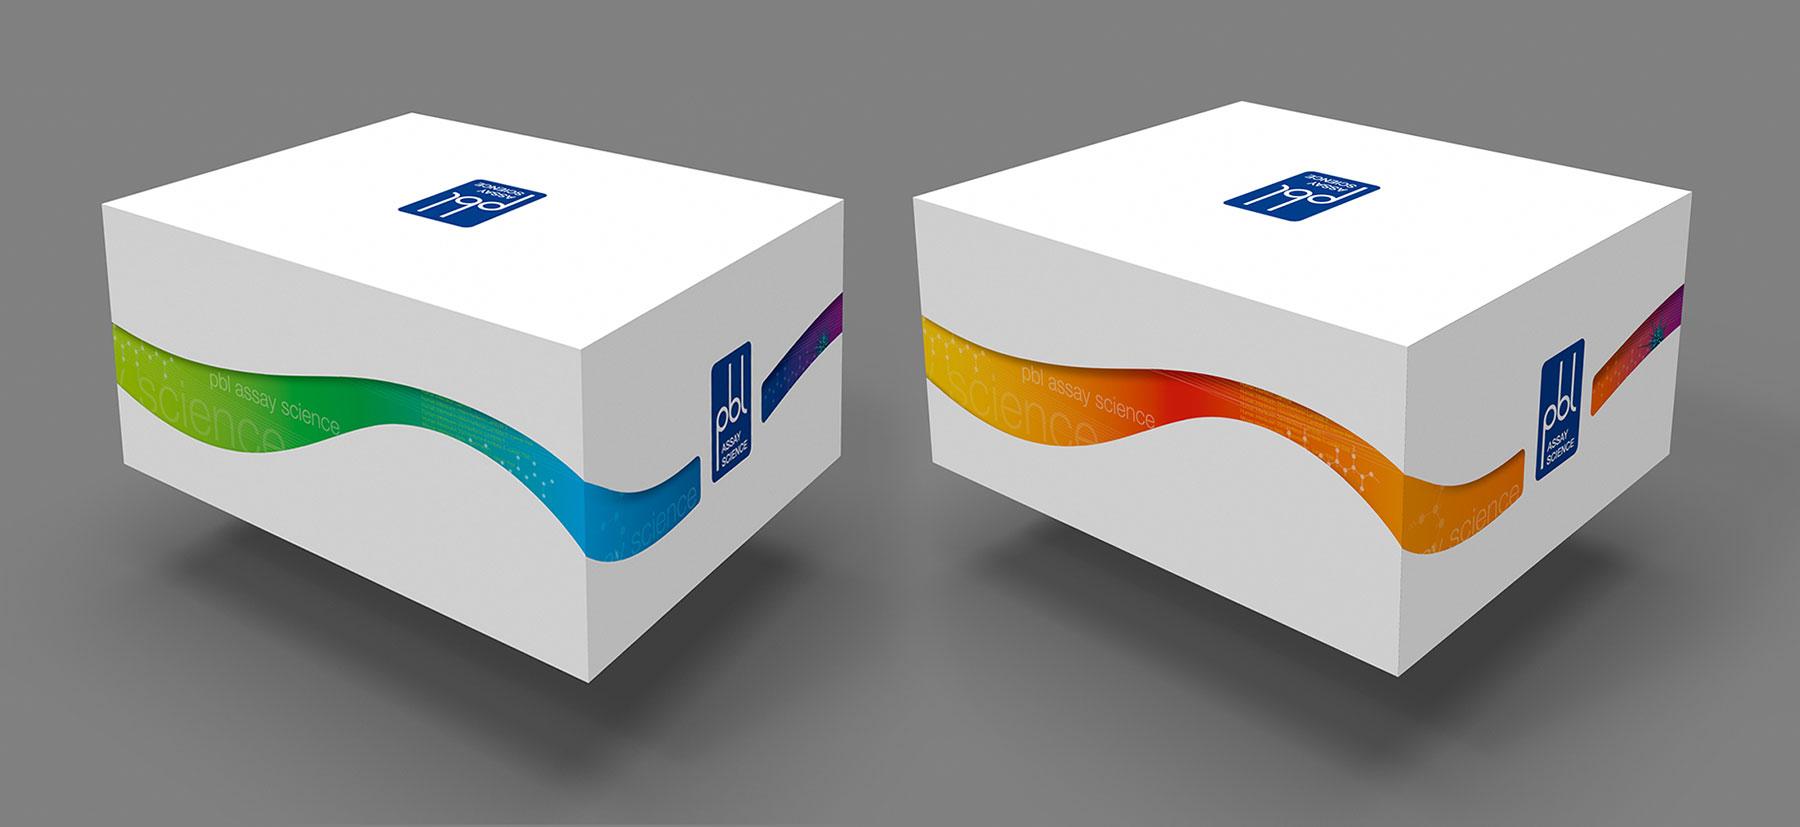 PBL_boxes_x2.jpg